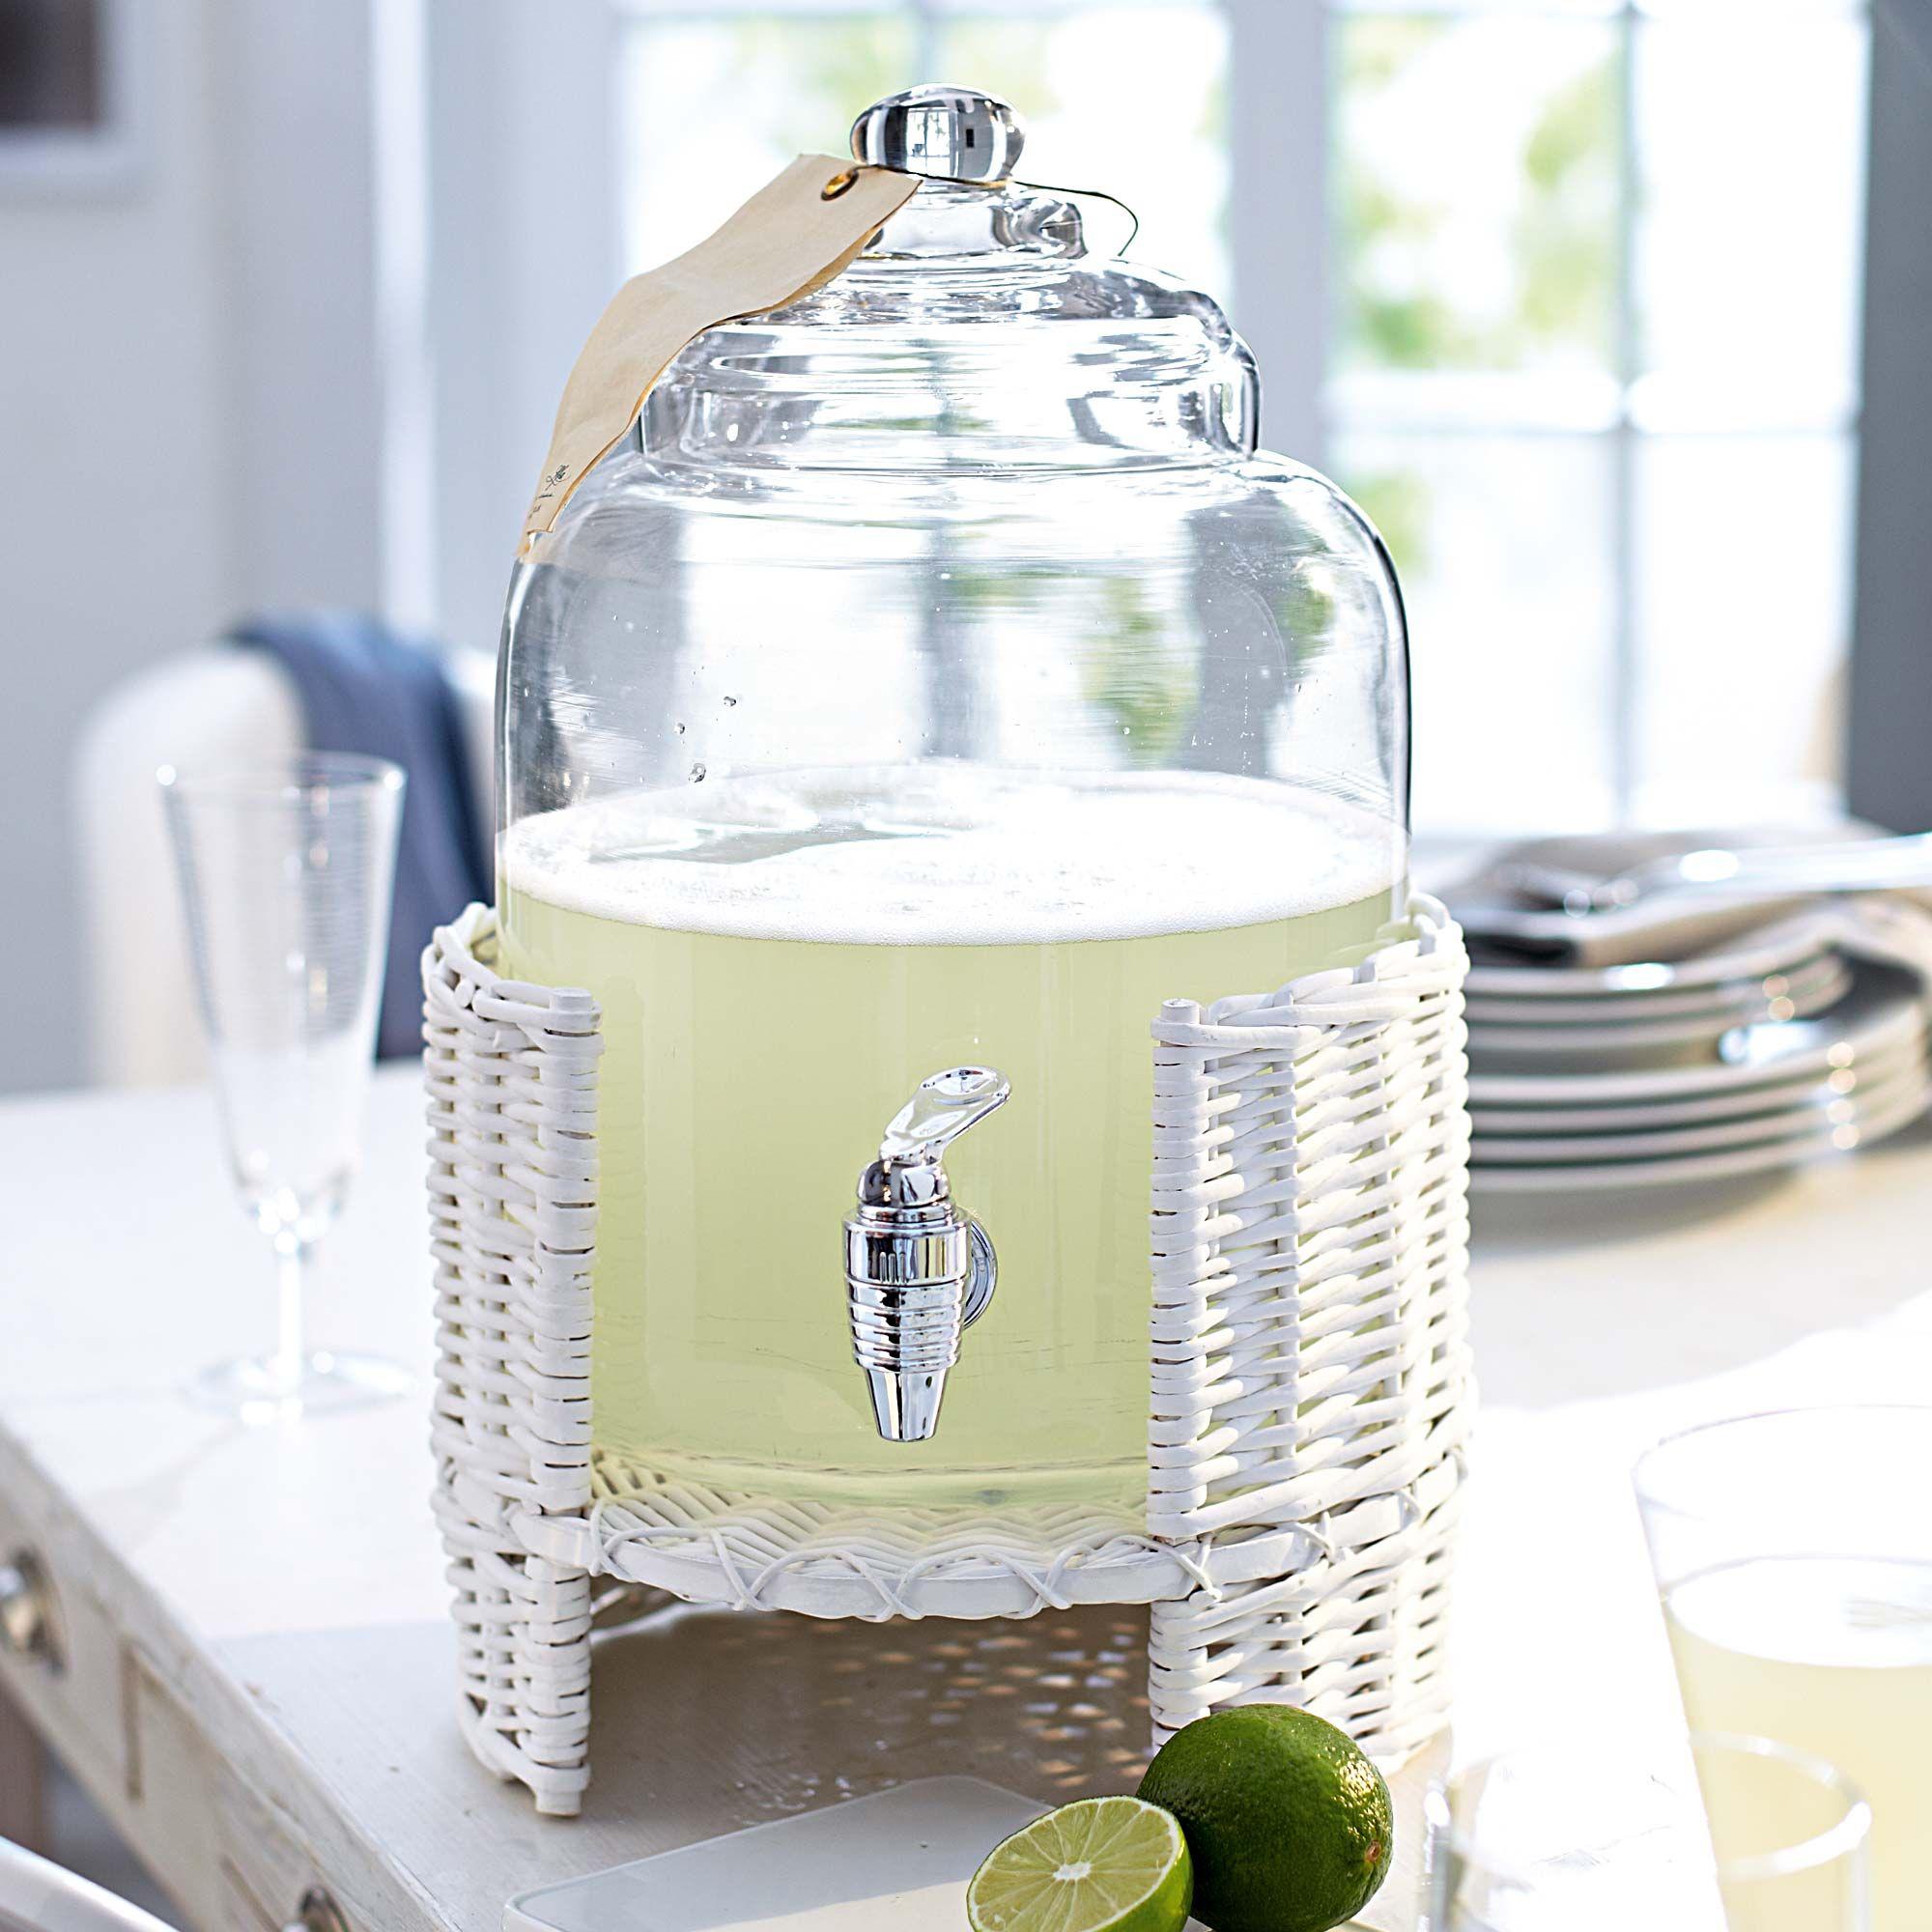 pin u ivatele evik holik na n st nce lemonade jar getraenkespender beverage dispenser. Black Bedroom Furniture Sets. Home Design Ideas